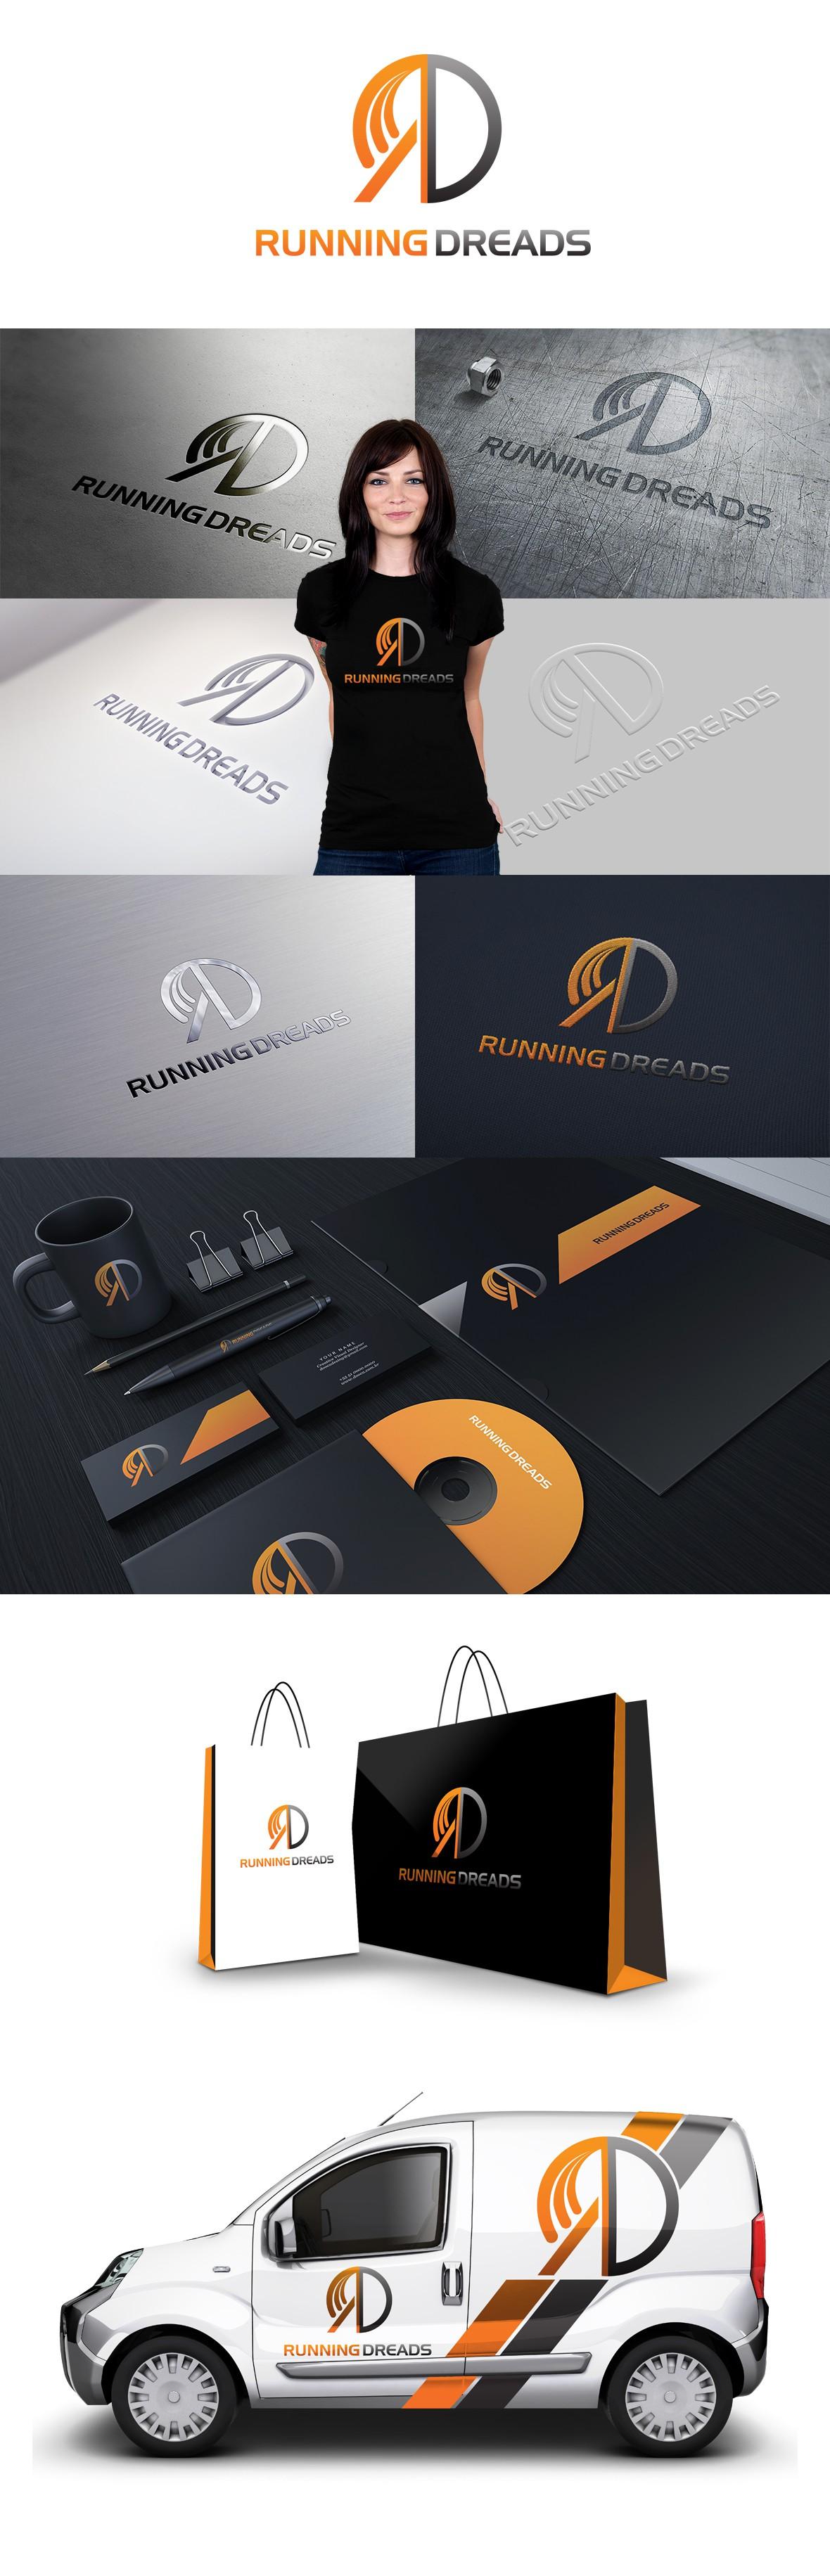 Wir freuen uns auf ein Corporate Design für Dreadlocks Friseure (Start-Up)